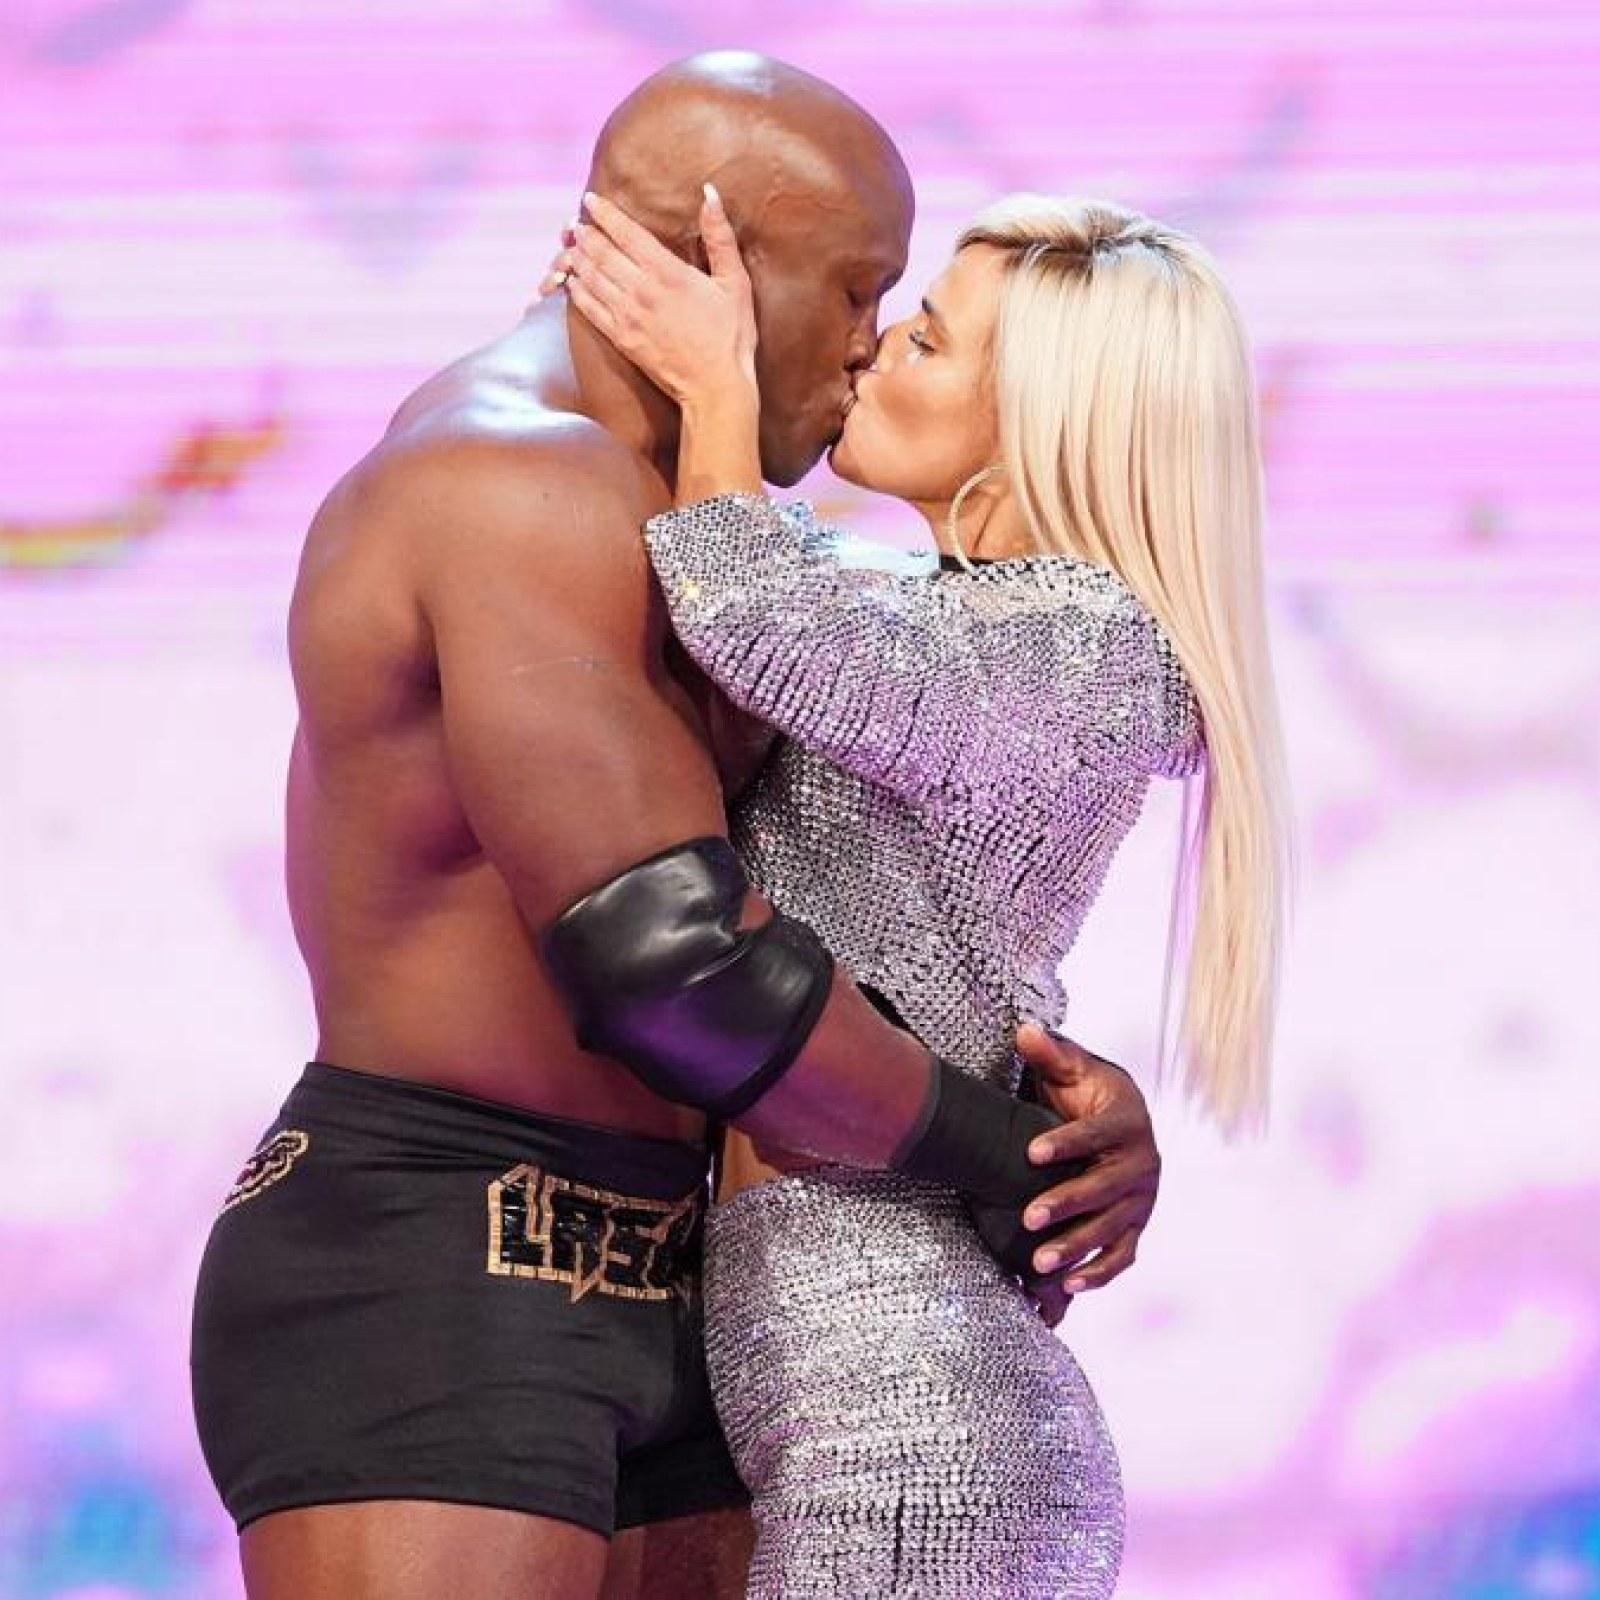 Lana Comments On Ex Husband Bobby Lashley's WWE Title Win 1